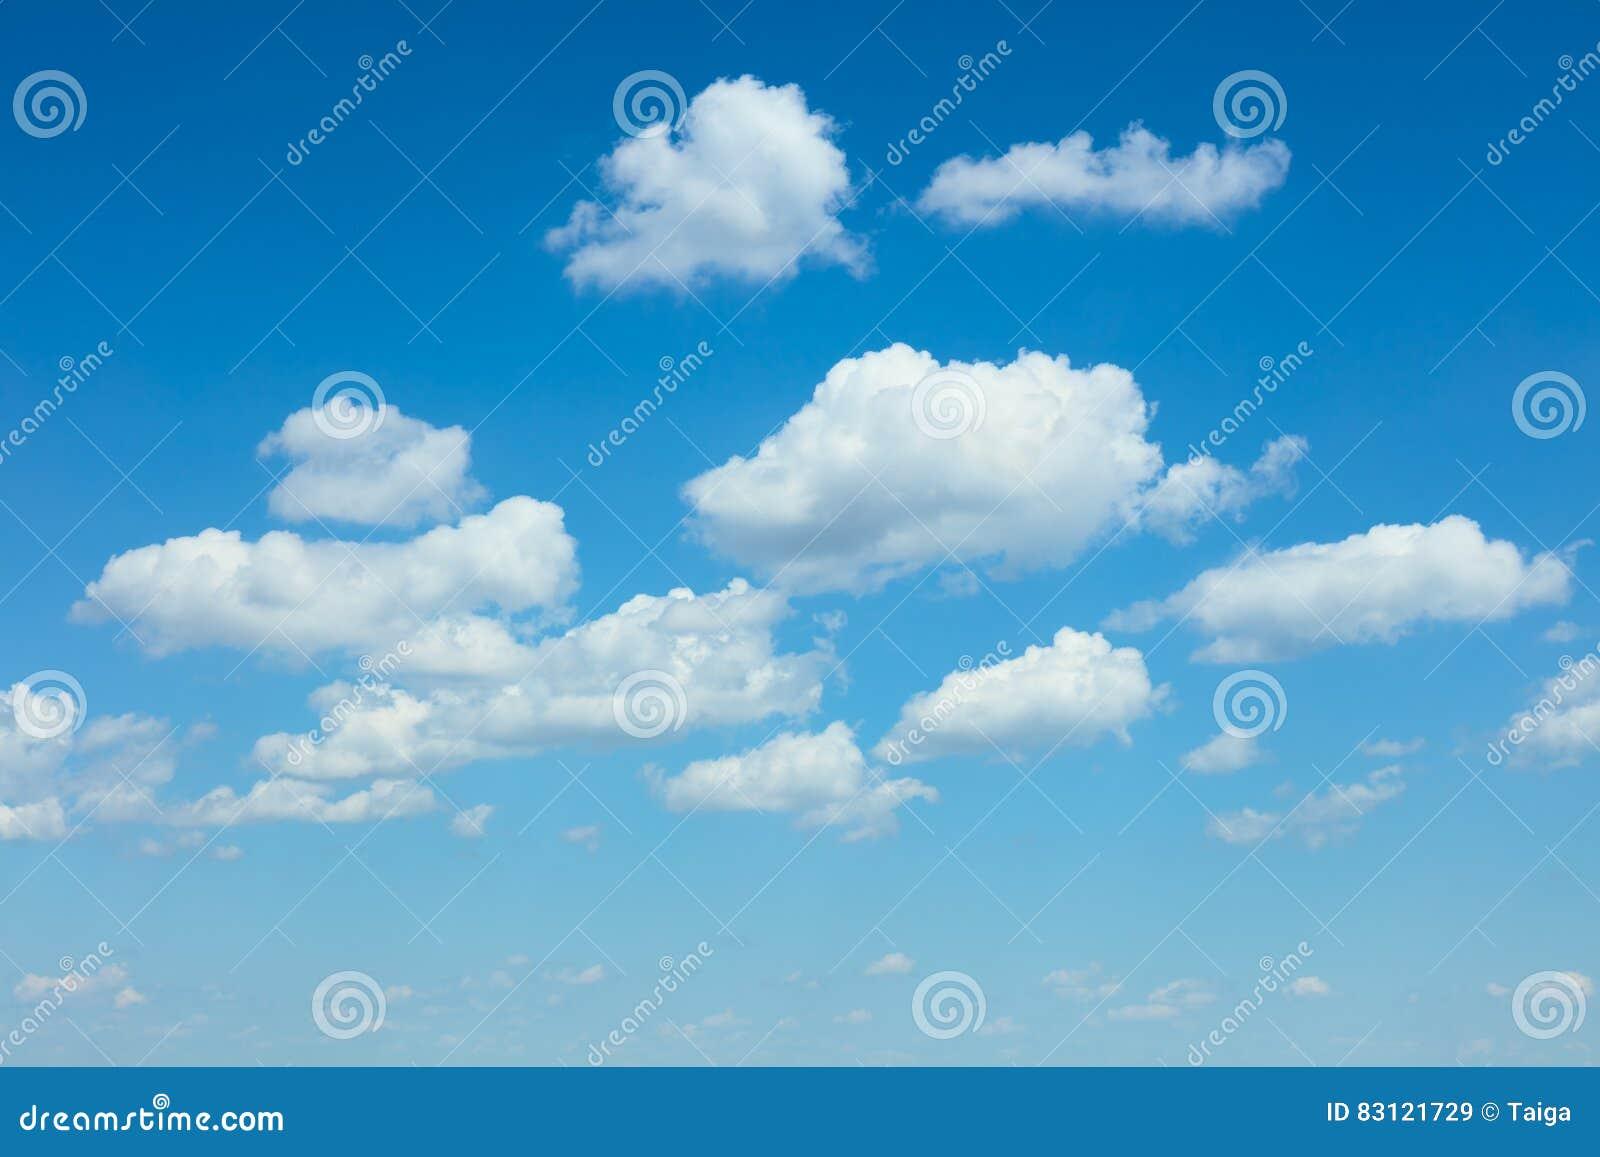 Luz - fundo das nuvens do céu azul e do branco